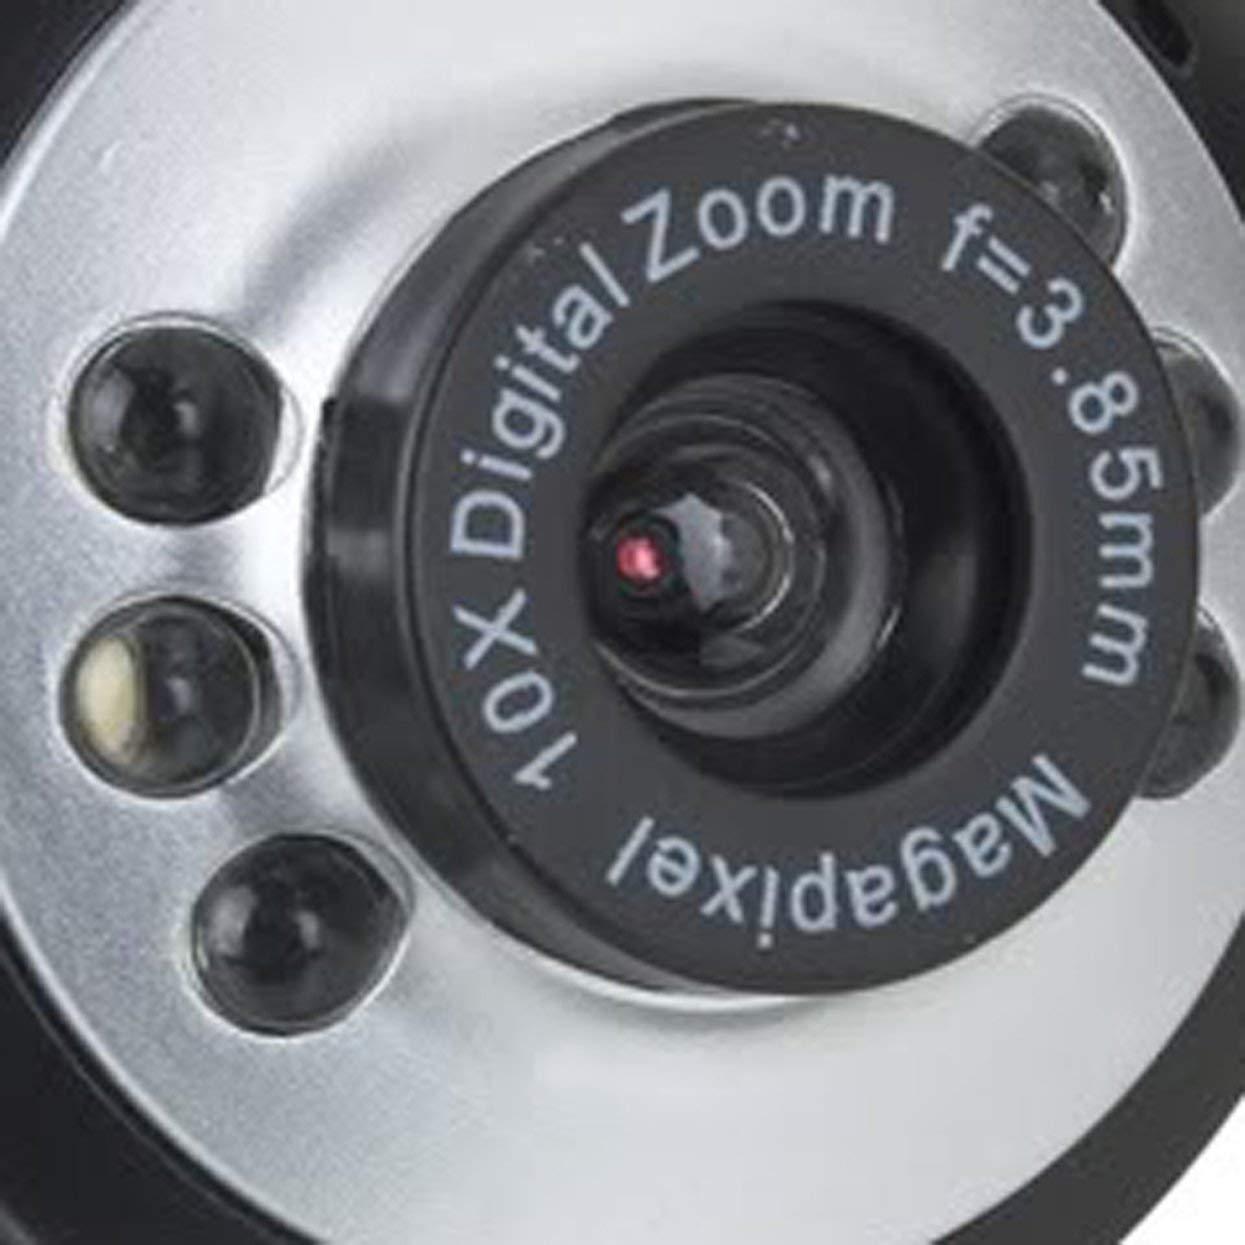 Tree-of-Life Fotocamera Digitale con Webcam per Webcam 5,0 Mega 180 Gradi alla Moda con Microfono per Computer Portatile PC pi/ù Nuovo Arrivo